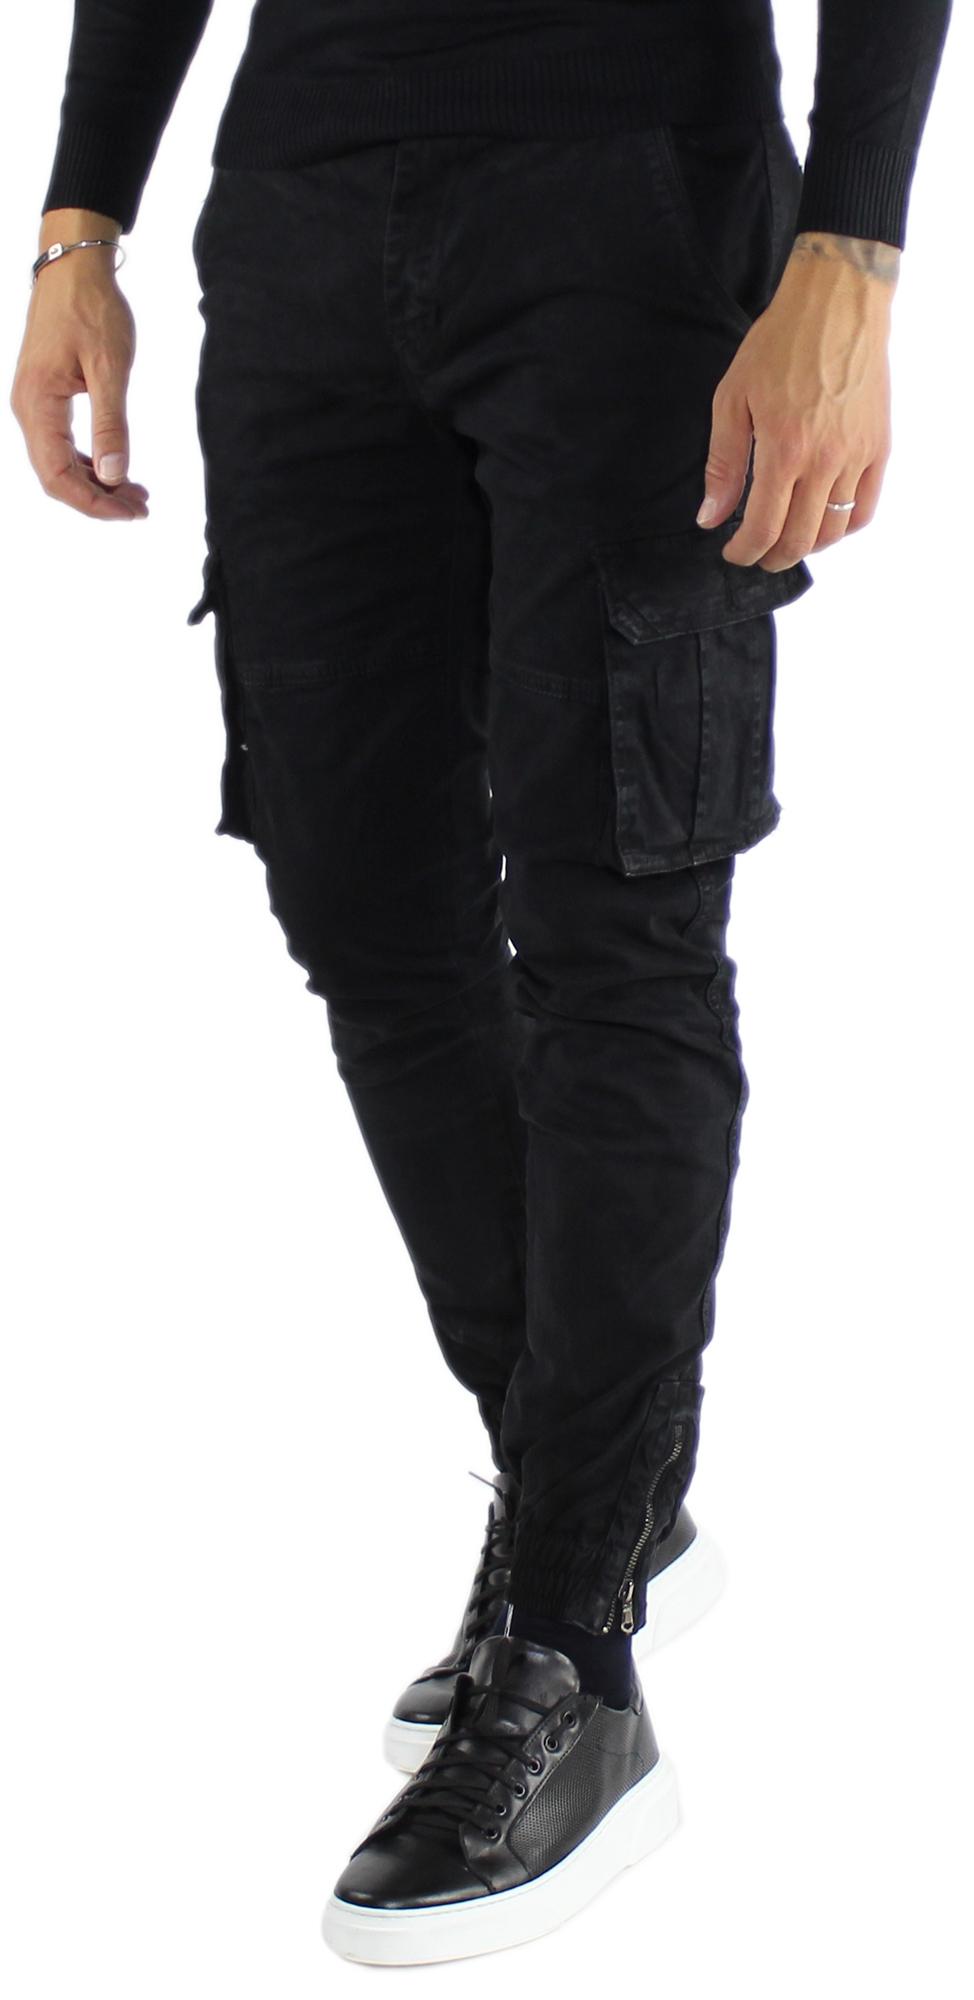 Pantaloni-Cargo-Uomo-Tasche-Laterali-Invernali-Cotone-Slim-Fit-Tasconi-Casual miniatura 15